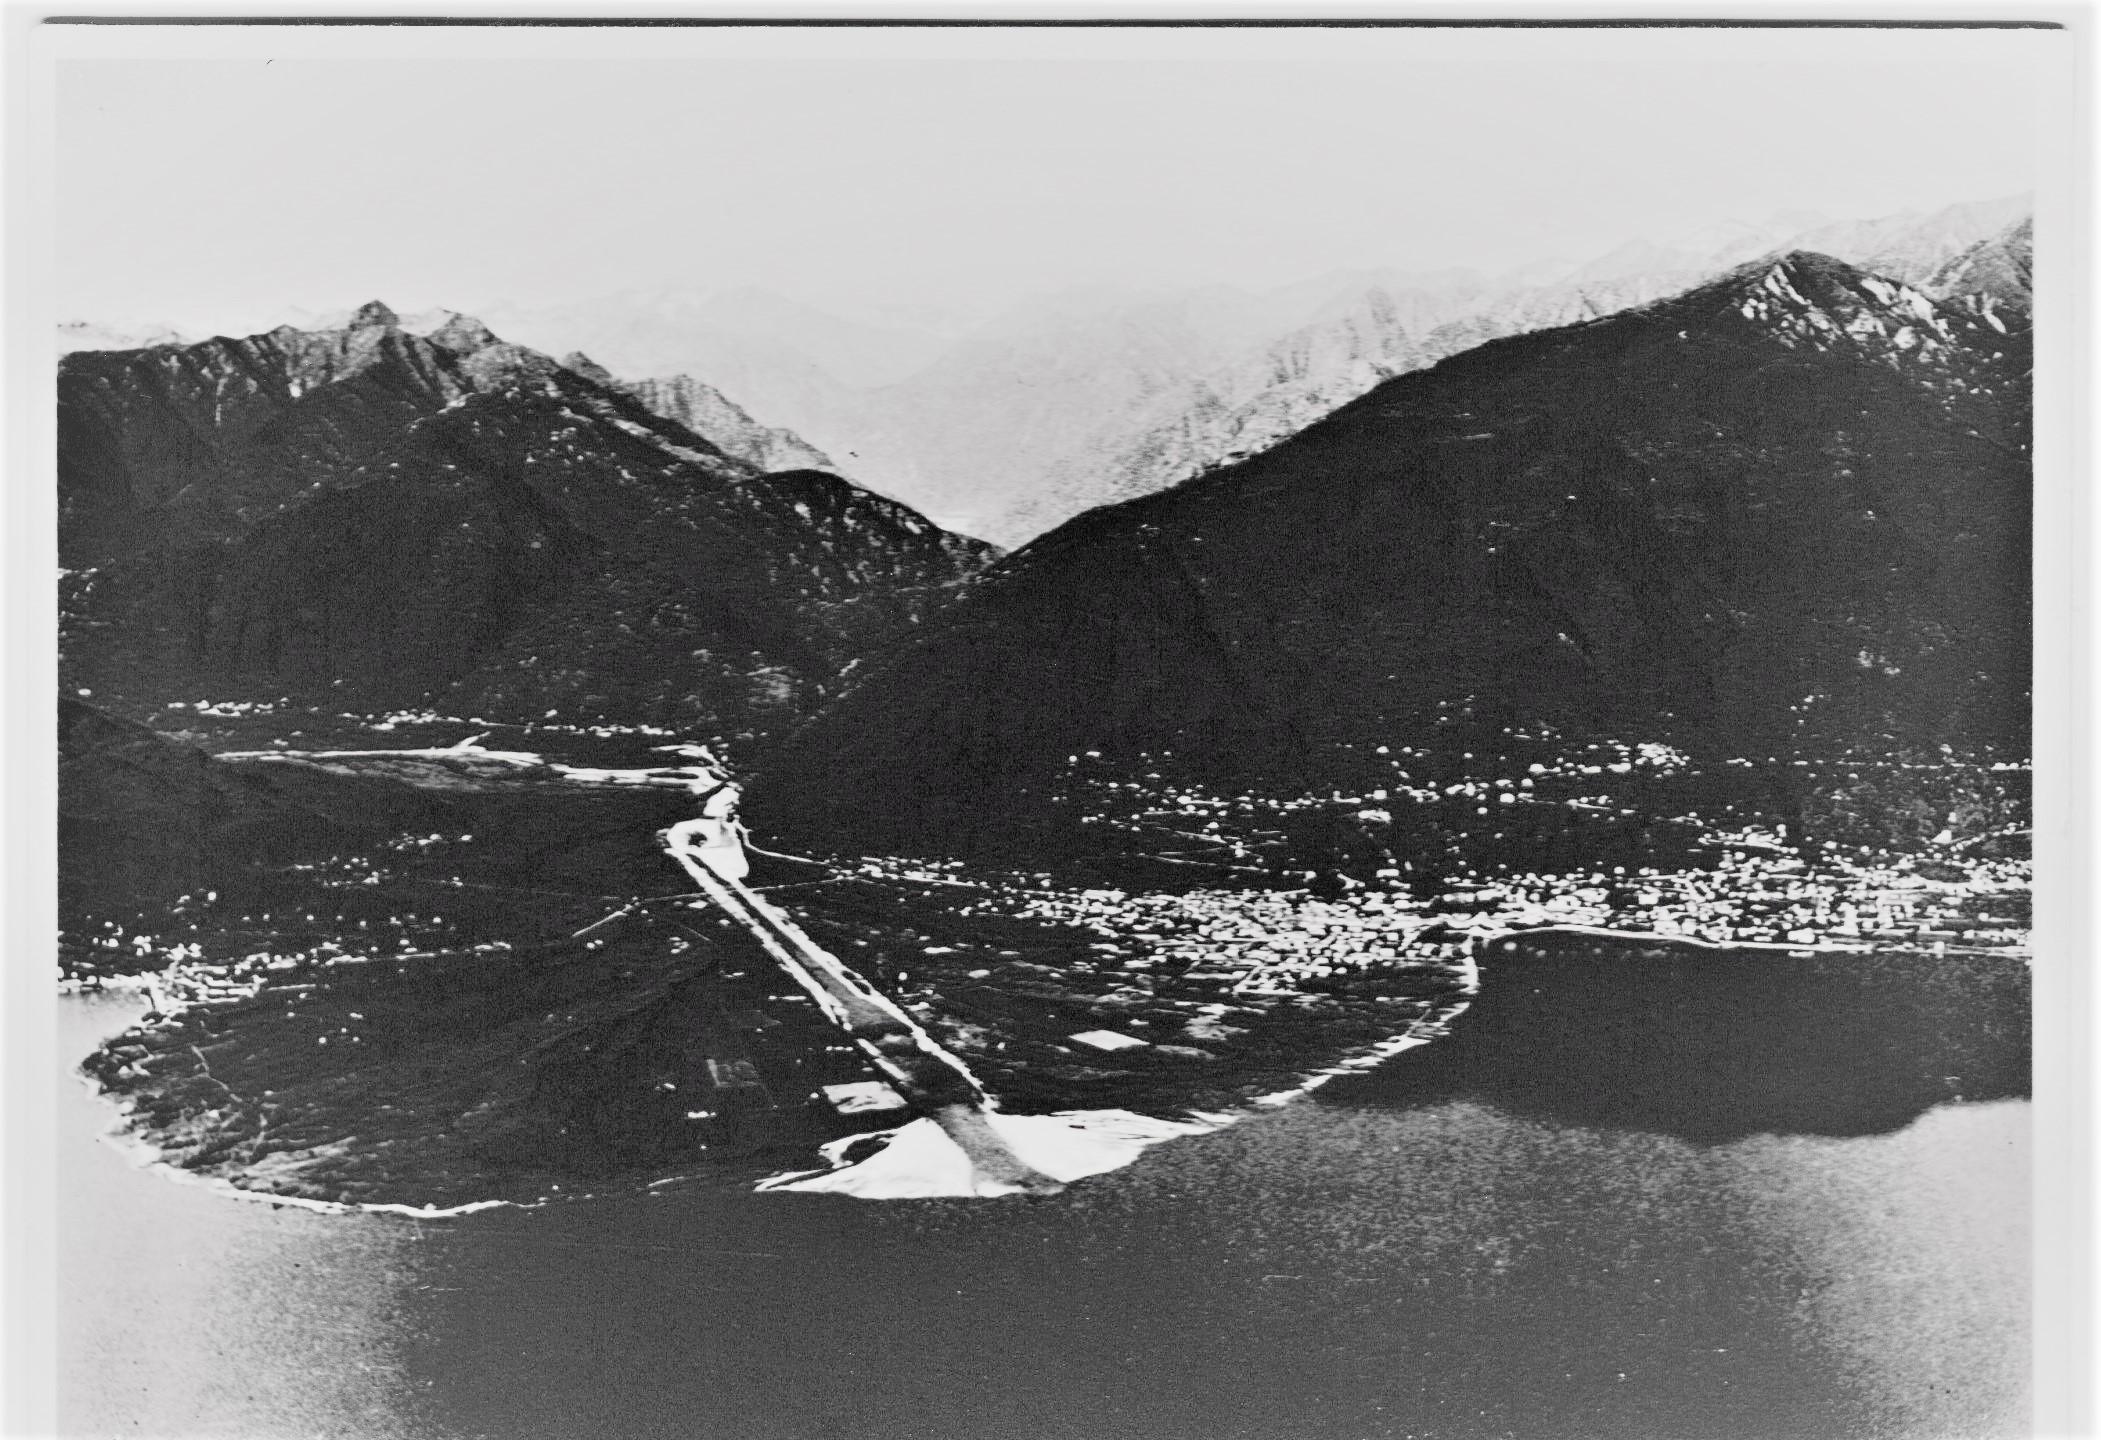 Il delta della Maggia con Ascona e Locarno